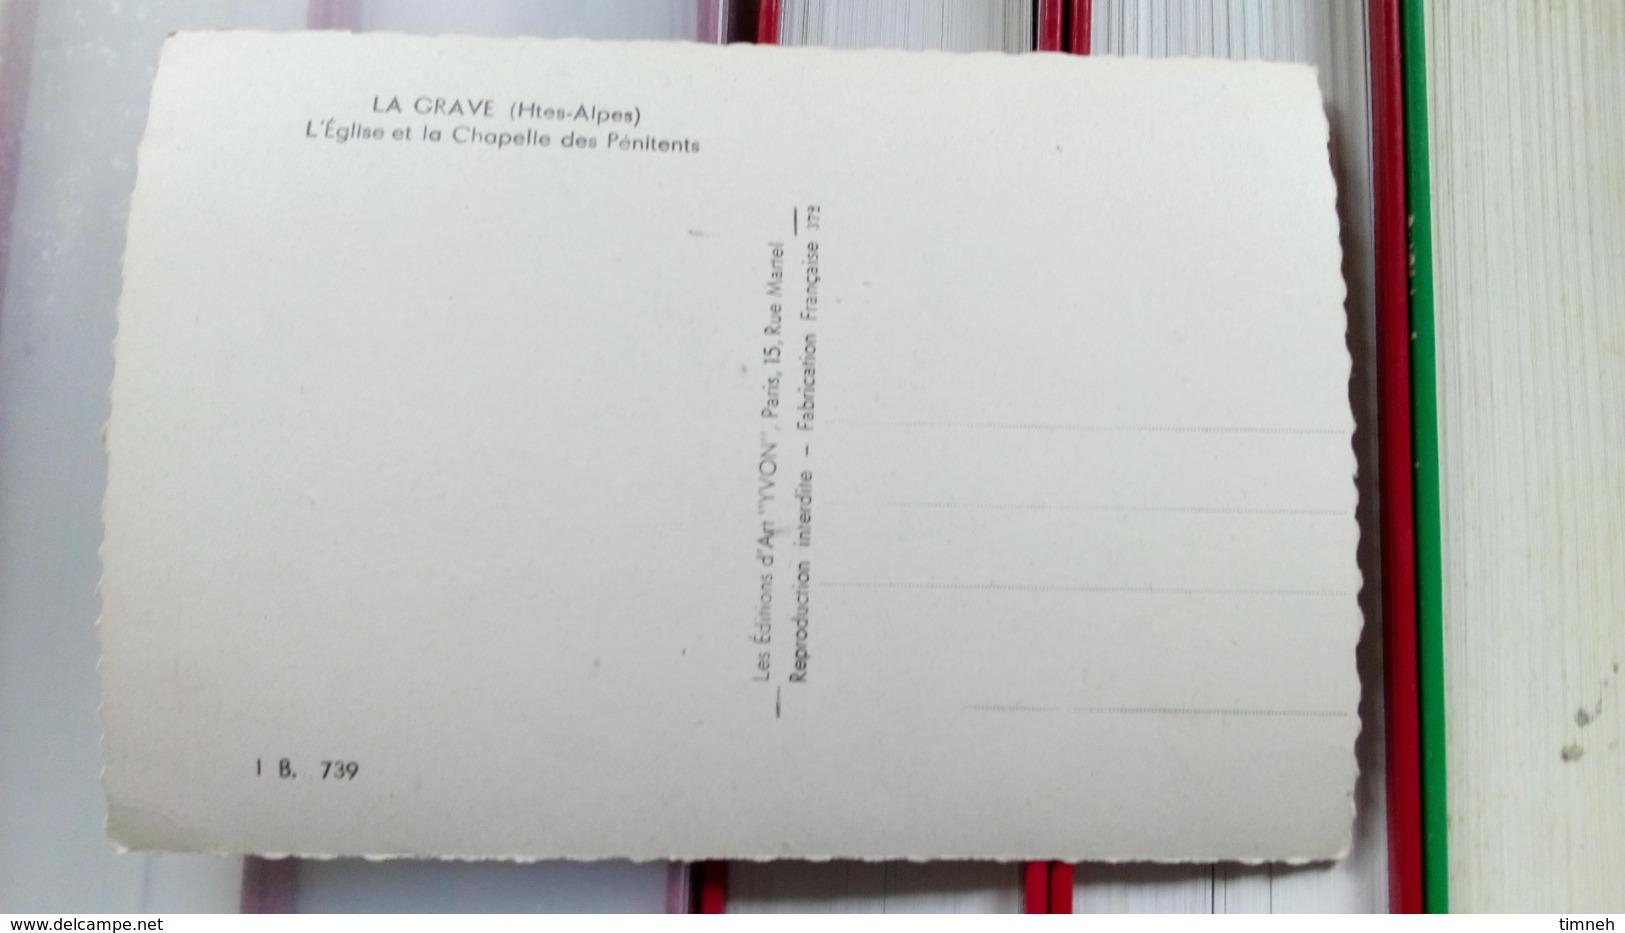 CPSM. LA GRAVE - L' EGLISE ET LA CHAPELLE DES PENITENTS - HAUTES ALPES - NONécrite - France